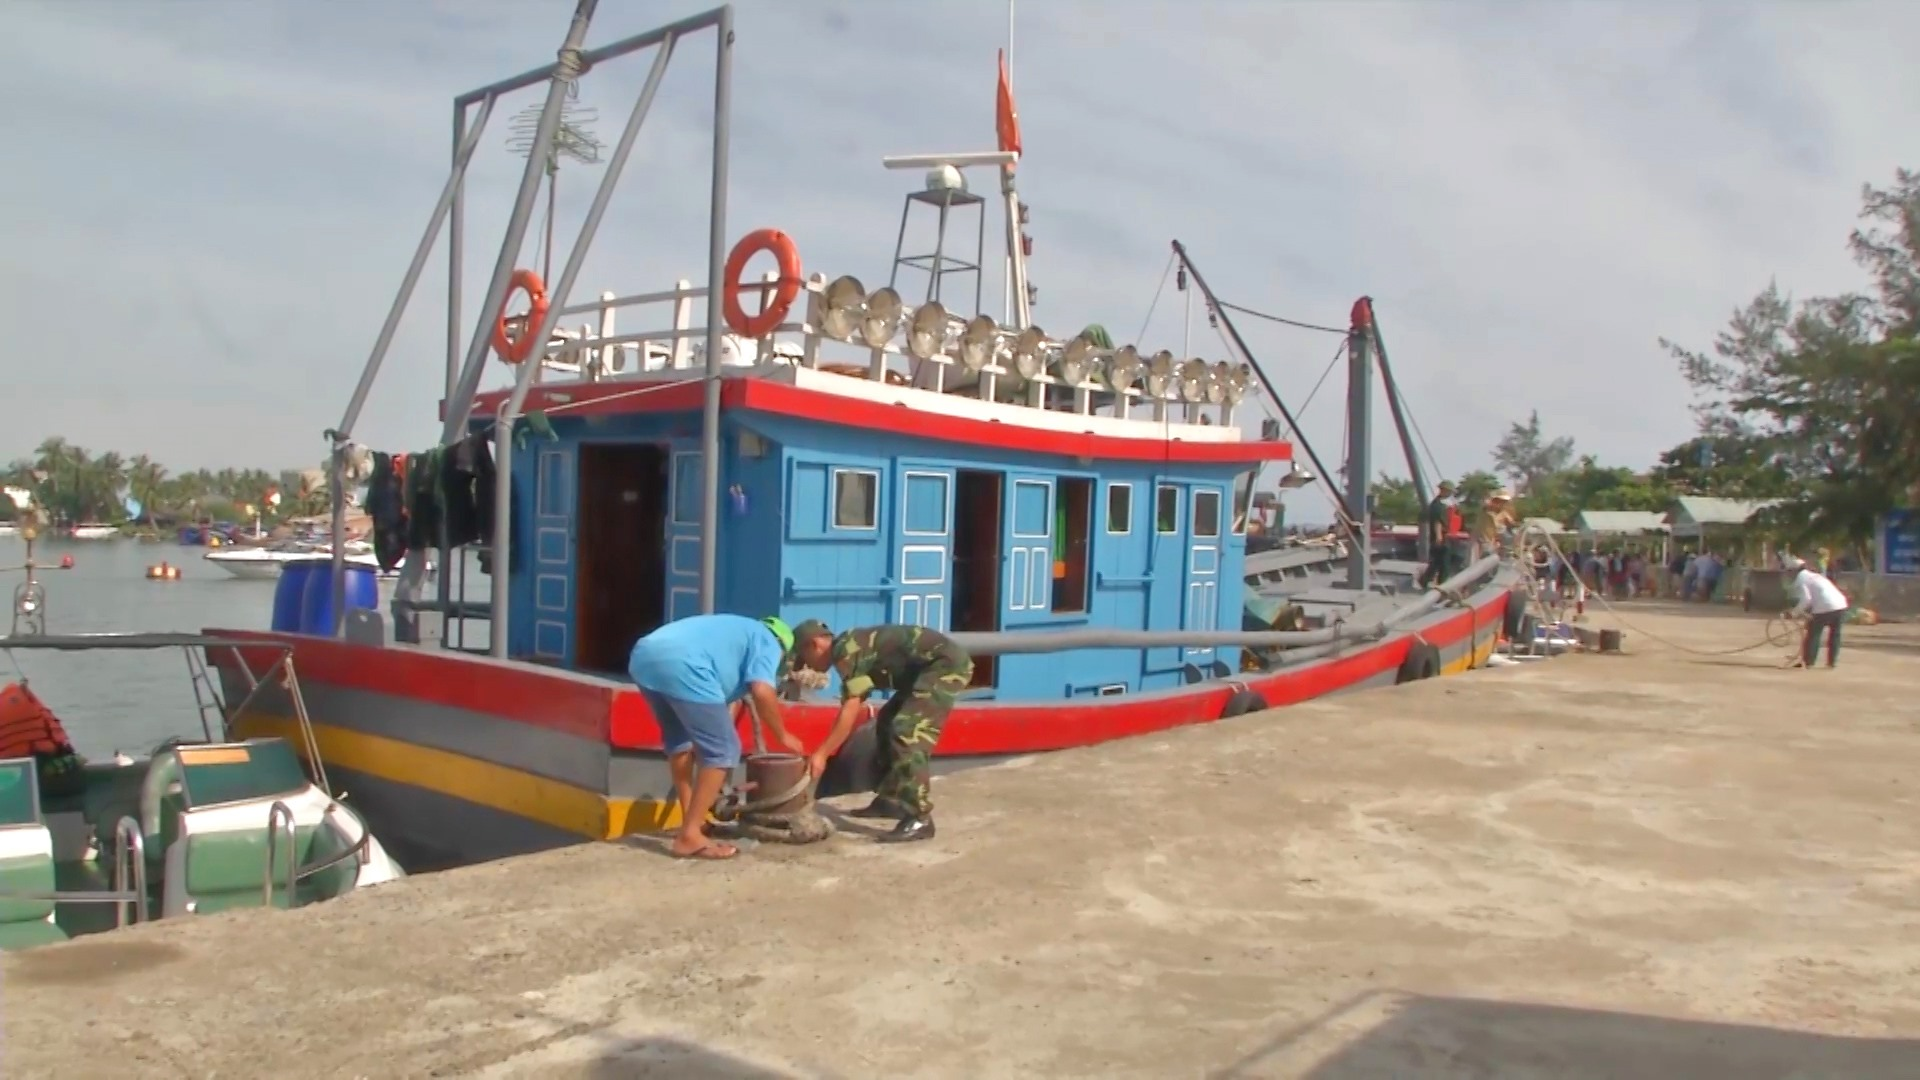 Bộ đội Biên phòng giúp nhân dân sắp xếp, neo đậu tàu thuyền. Ảnh: HỒNG ANH